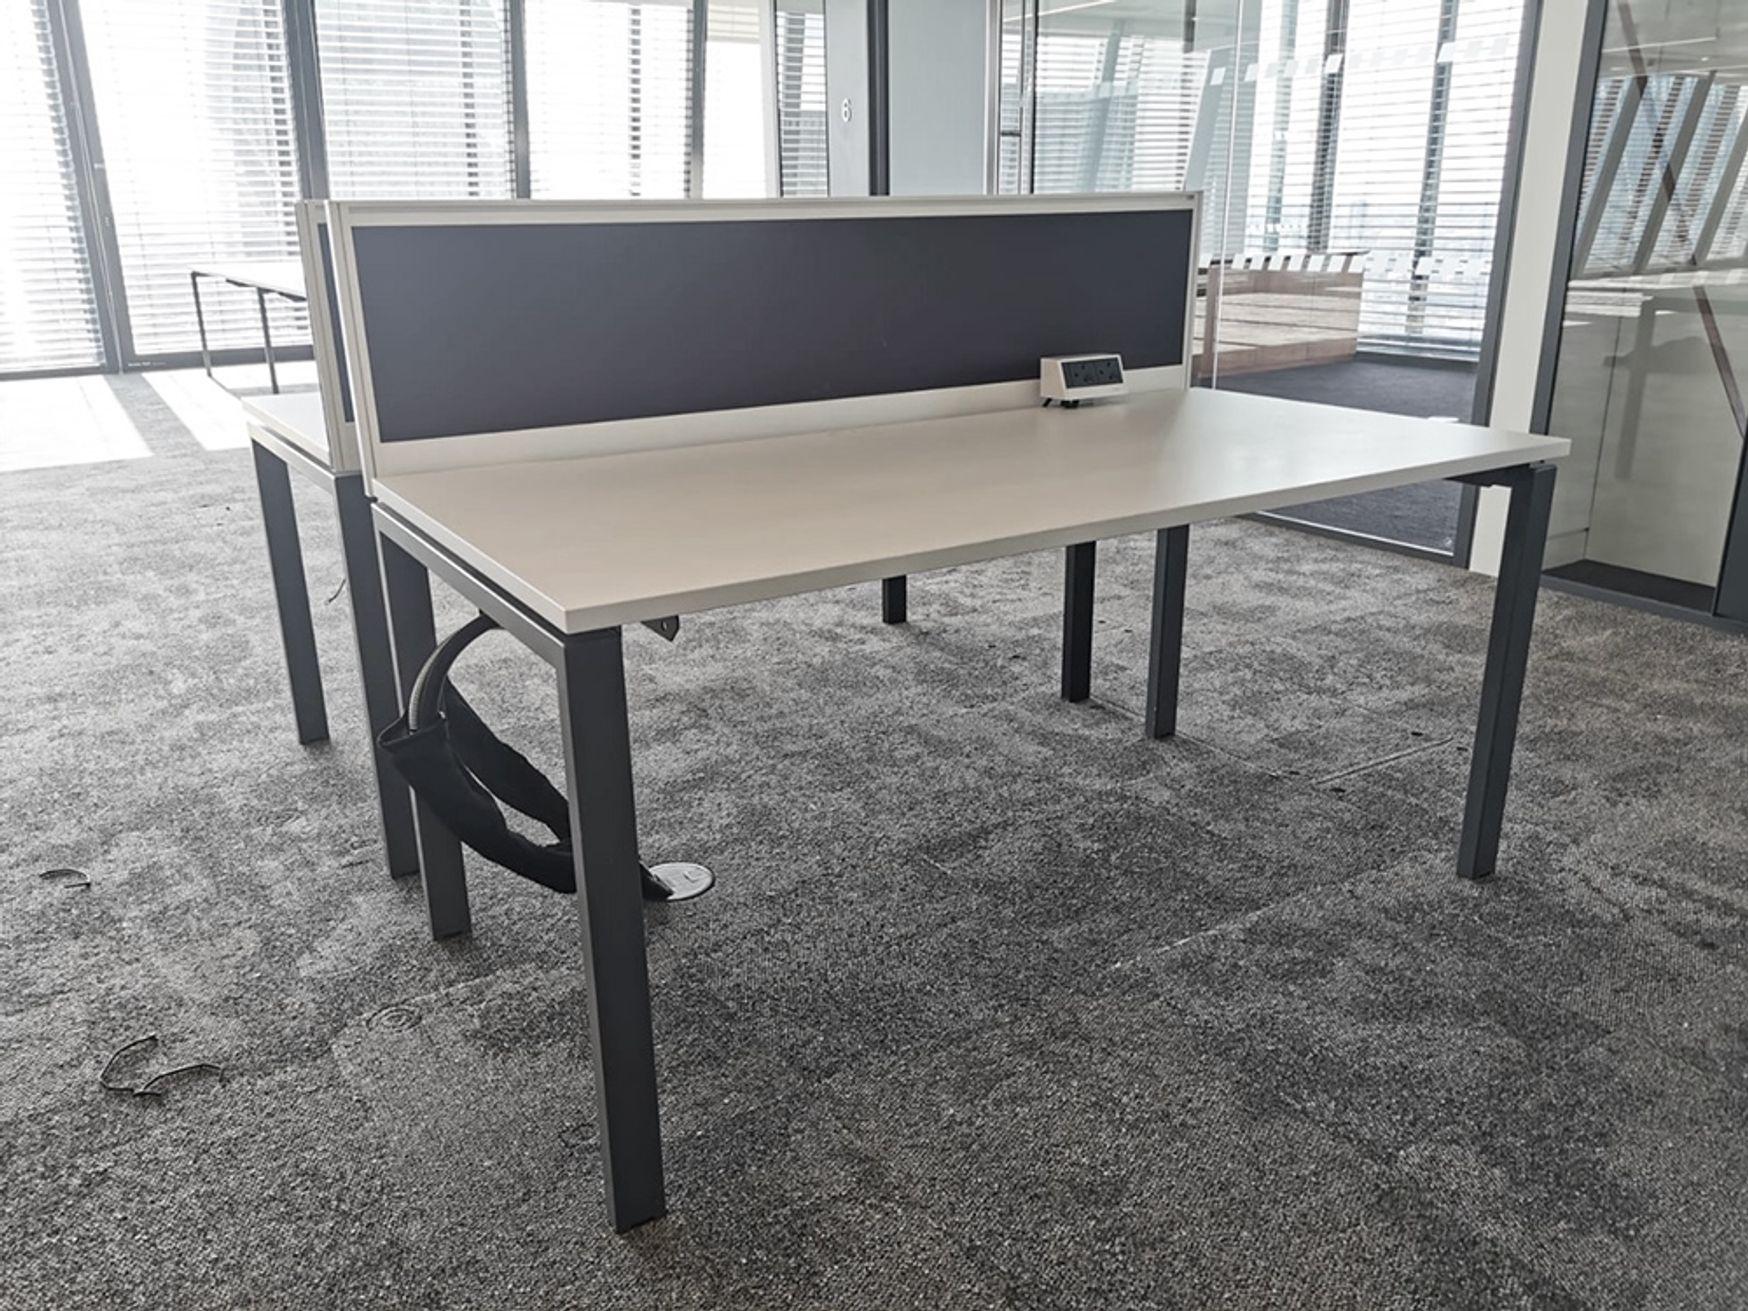 Used 1600mm x 800mm Task 'Team2' freestanding white desks